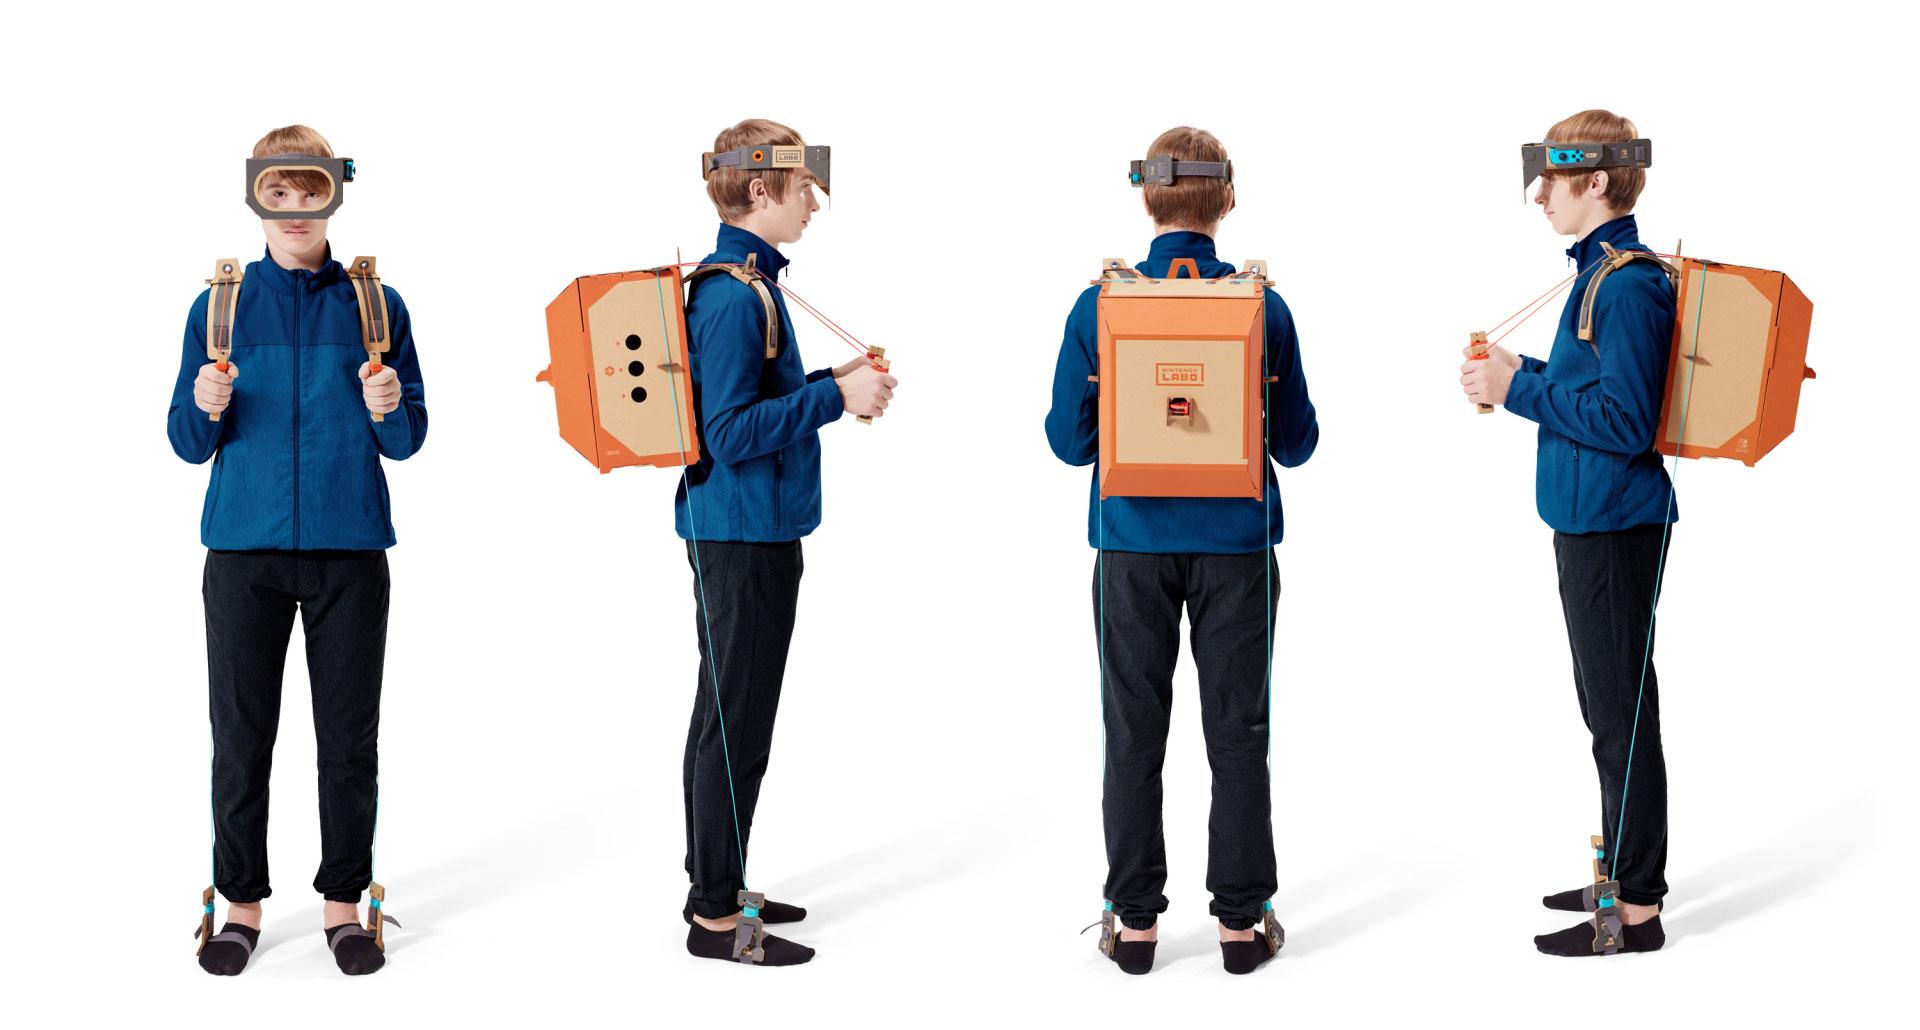 """Die digital abspielbaren Bastel-Anleitungen sind leicht verständlich, trotzdem braucht die Konstruktion eines """"Labo""""-Sets ihre Zeit: Spitzenreiter ist der abgebildete Roboter-Ganzkörper-Controller, für dessen Zusammenbau gut sechs Stunden ins Land gehen."""